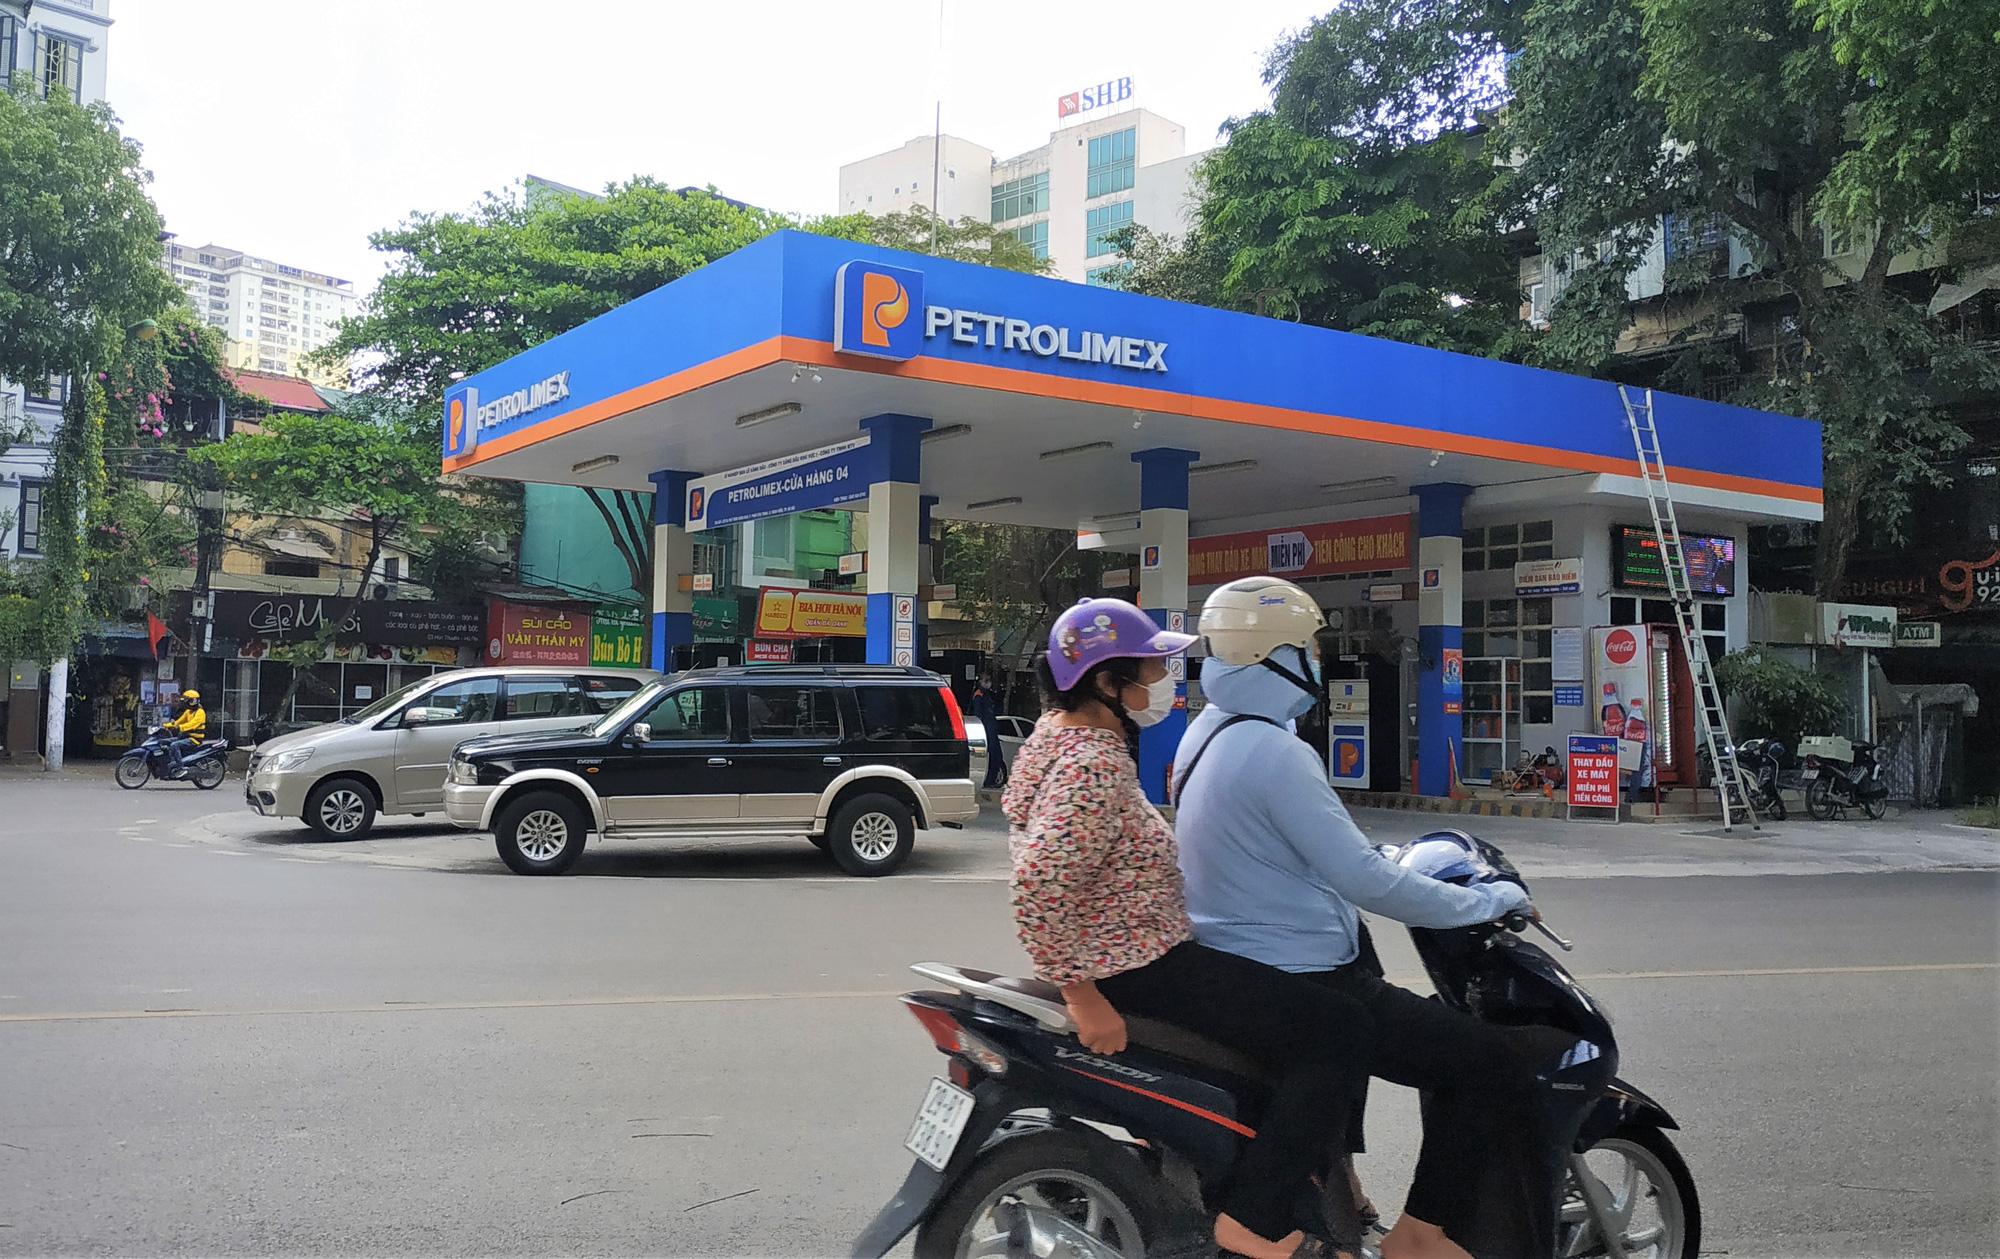 Quán quân doanh thu quý II: Không phải các ông lớn bất động sản, ngân hàng mà là đại gia xăng dầu Petrolimex - Ảnh 1.